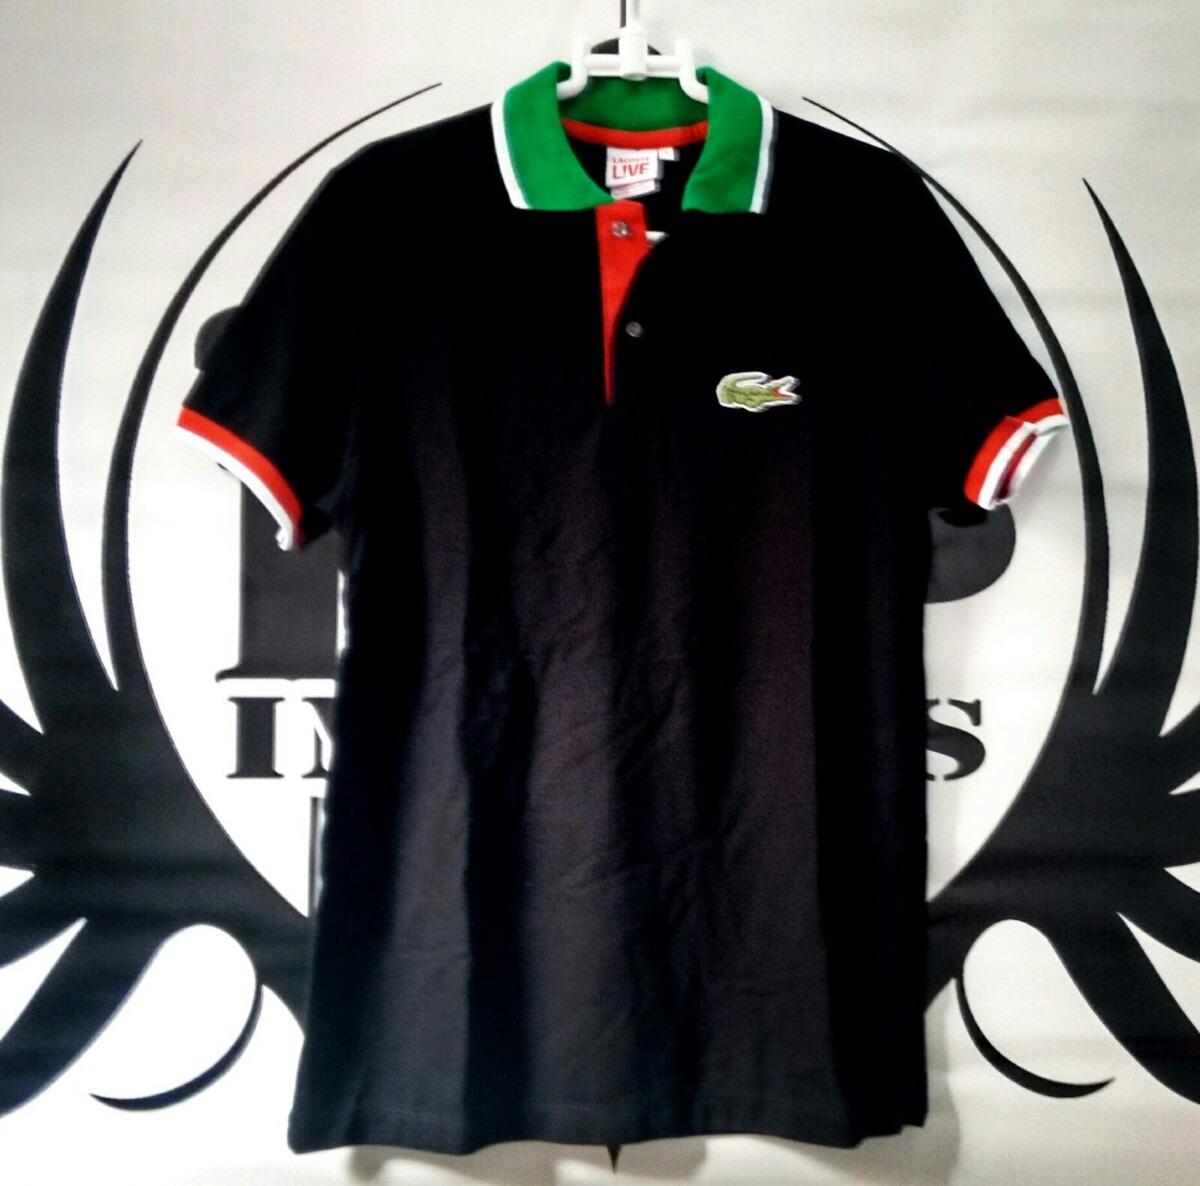 Camiseta Polo Lacoste Live Original - R  125,00 em Mercado Livre 83b769bec2